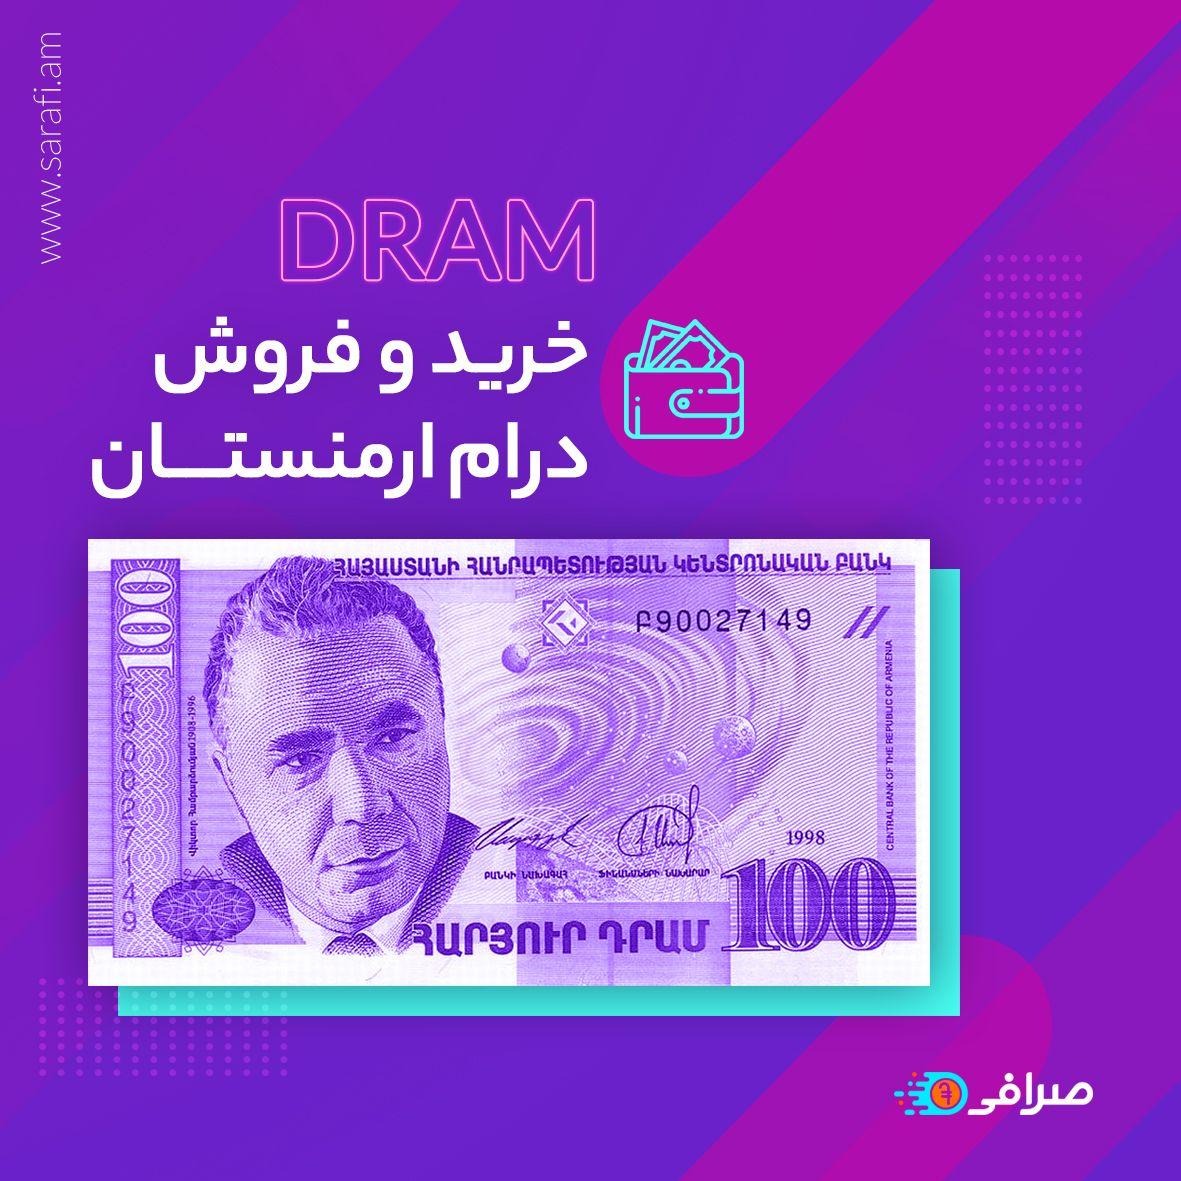 صرافی ارمنستان در ایران